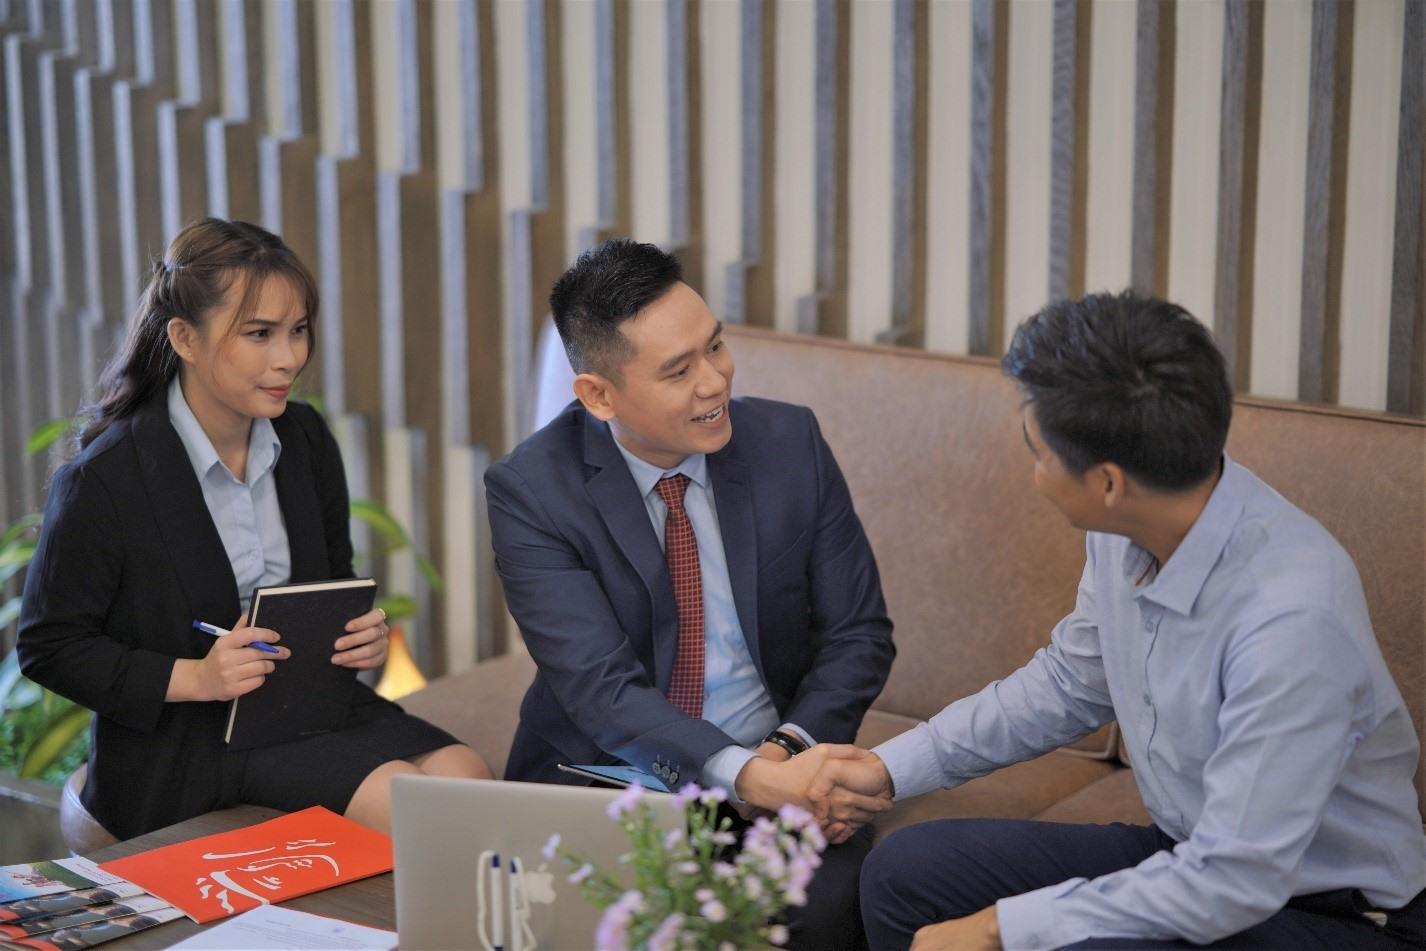 """Năm 2020, Prudential Việt Nam tiếp tục được ghi nhận trong ngành bảo hiểm và xếp thứ 2 trong """"Top 10 thương hiệu có Trải nghiệm Khách hàng Xuất sắc nhất 2020"""", dựa trên khảo sát trải nghiệm khách hàng thực hiện bởi công ty kiểm toán KPMG."""